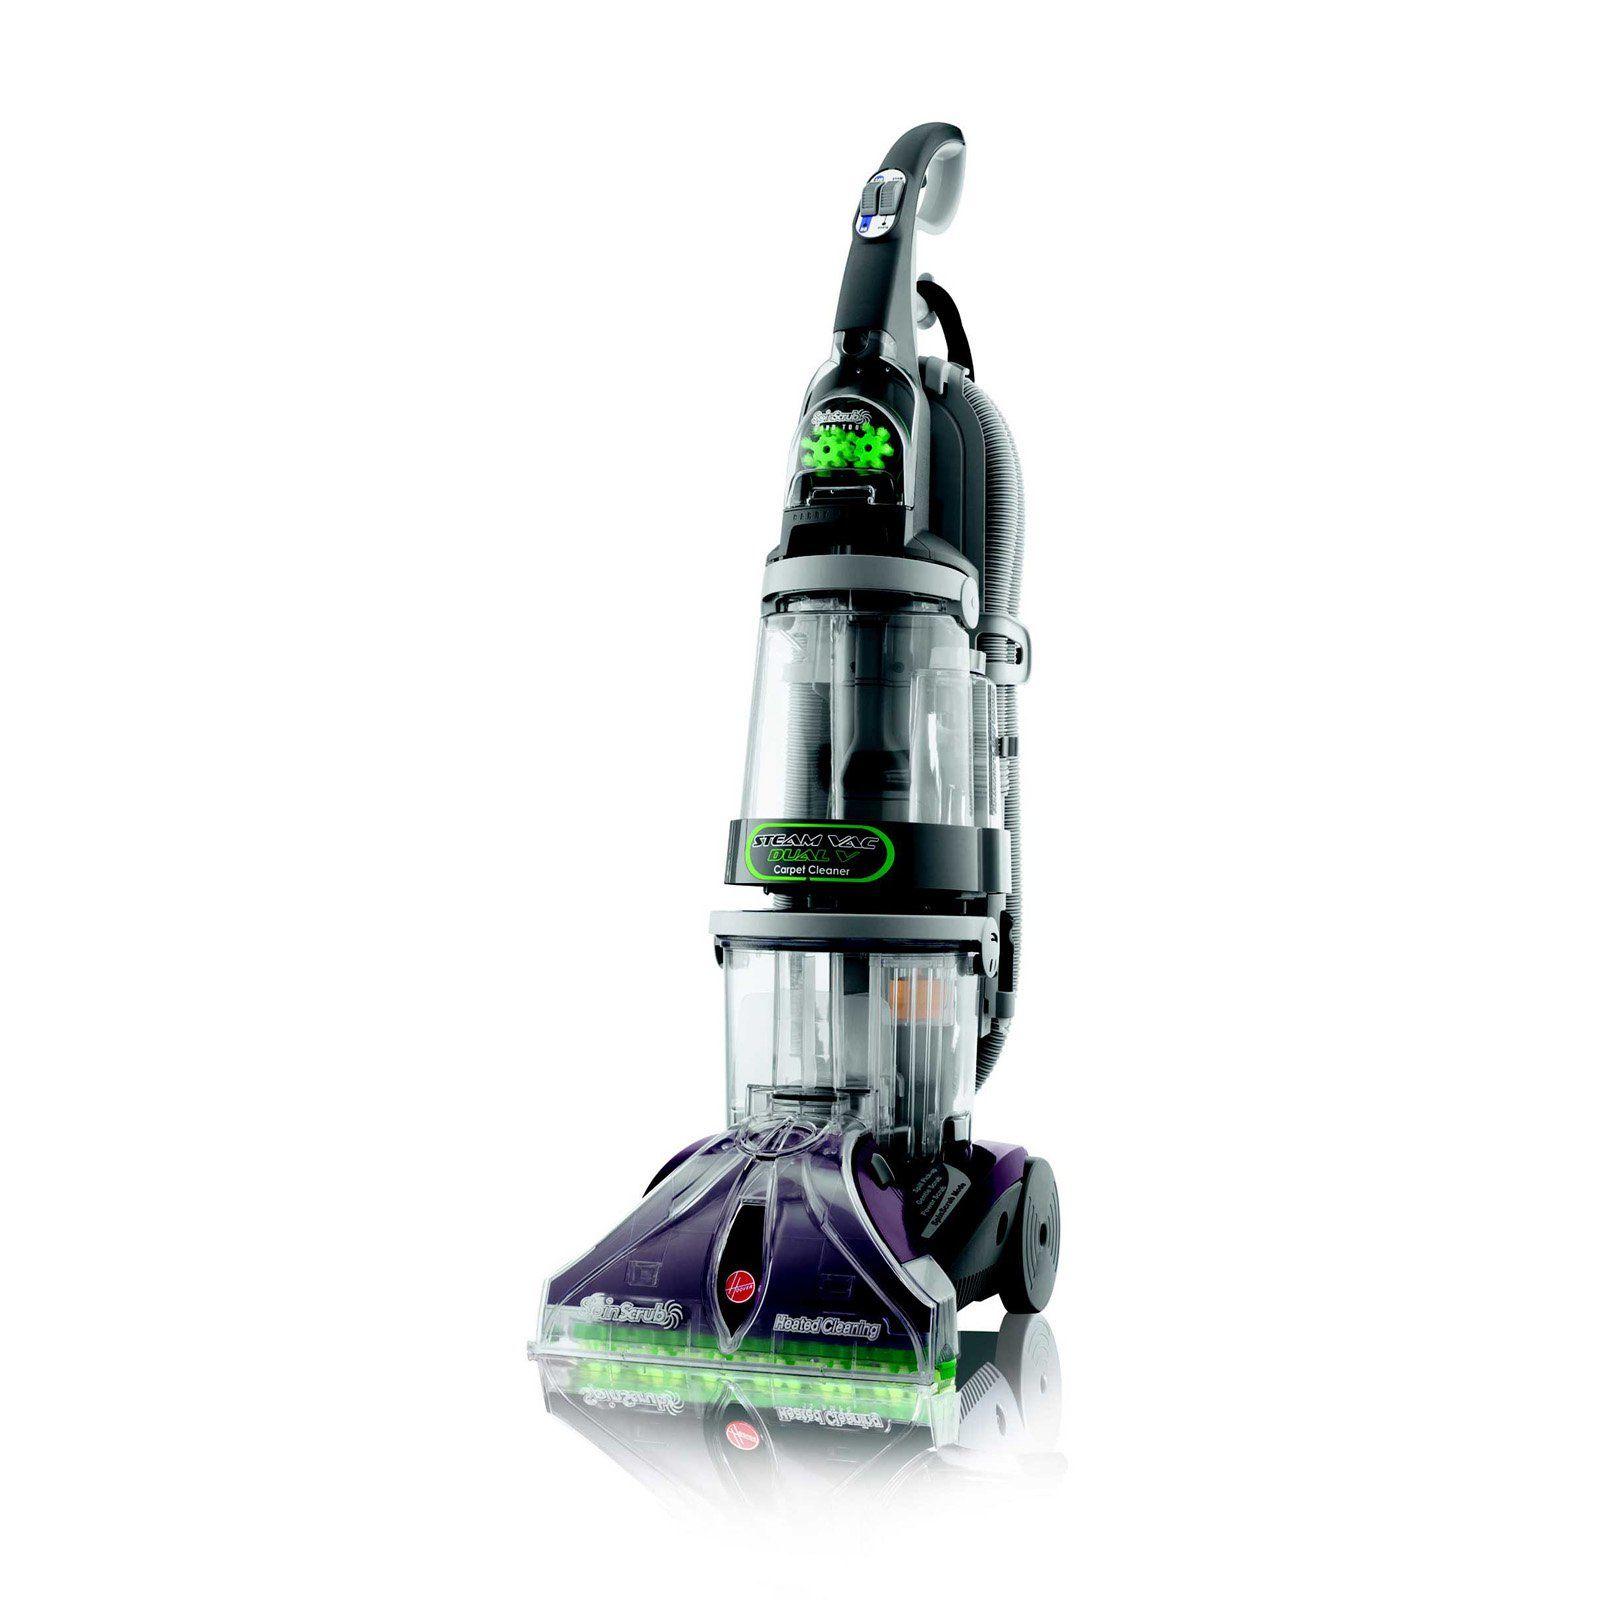 Buy Now On Amazon Httpamzn2kzhk7h Hoover Spinscrub